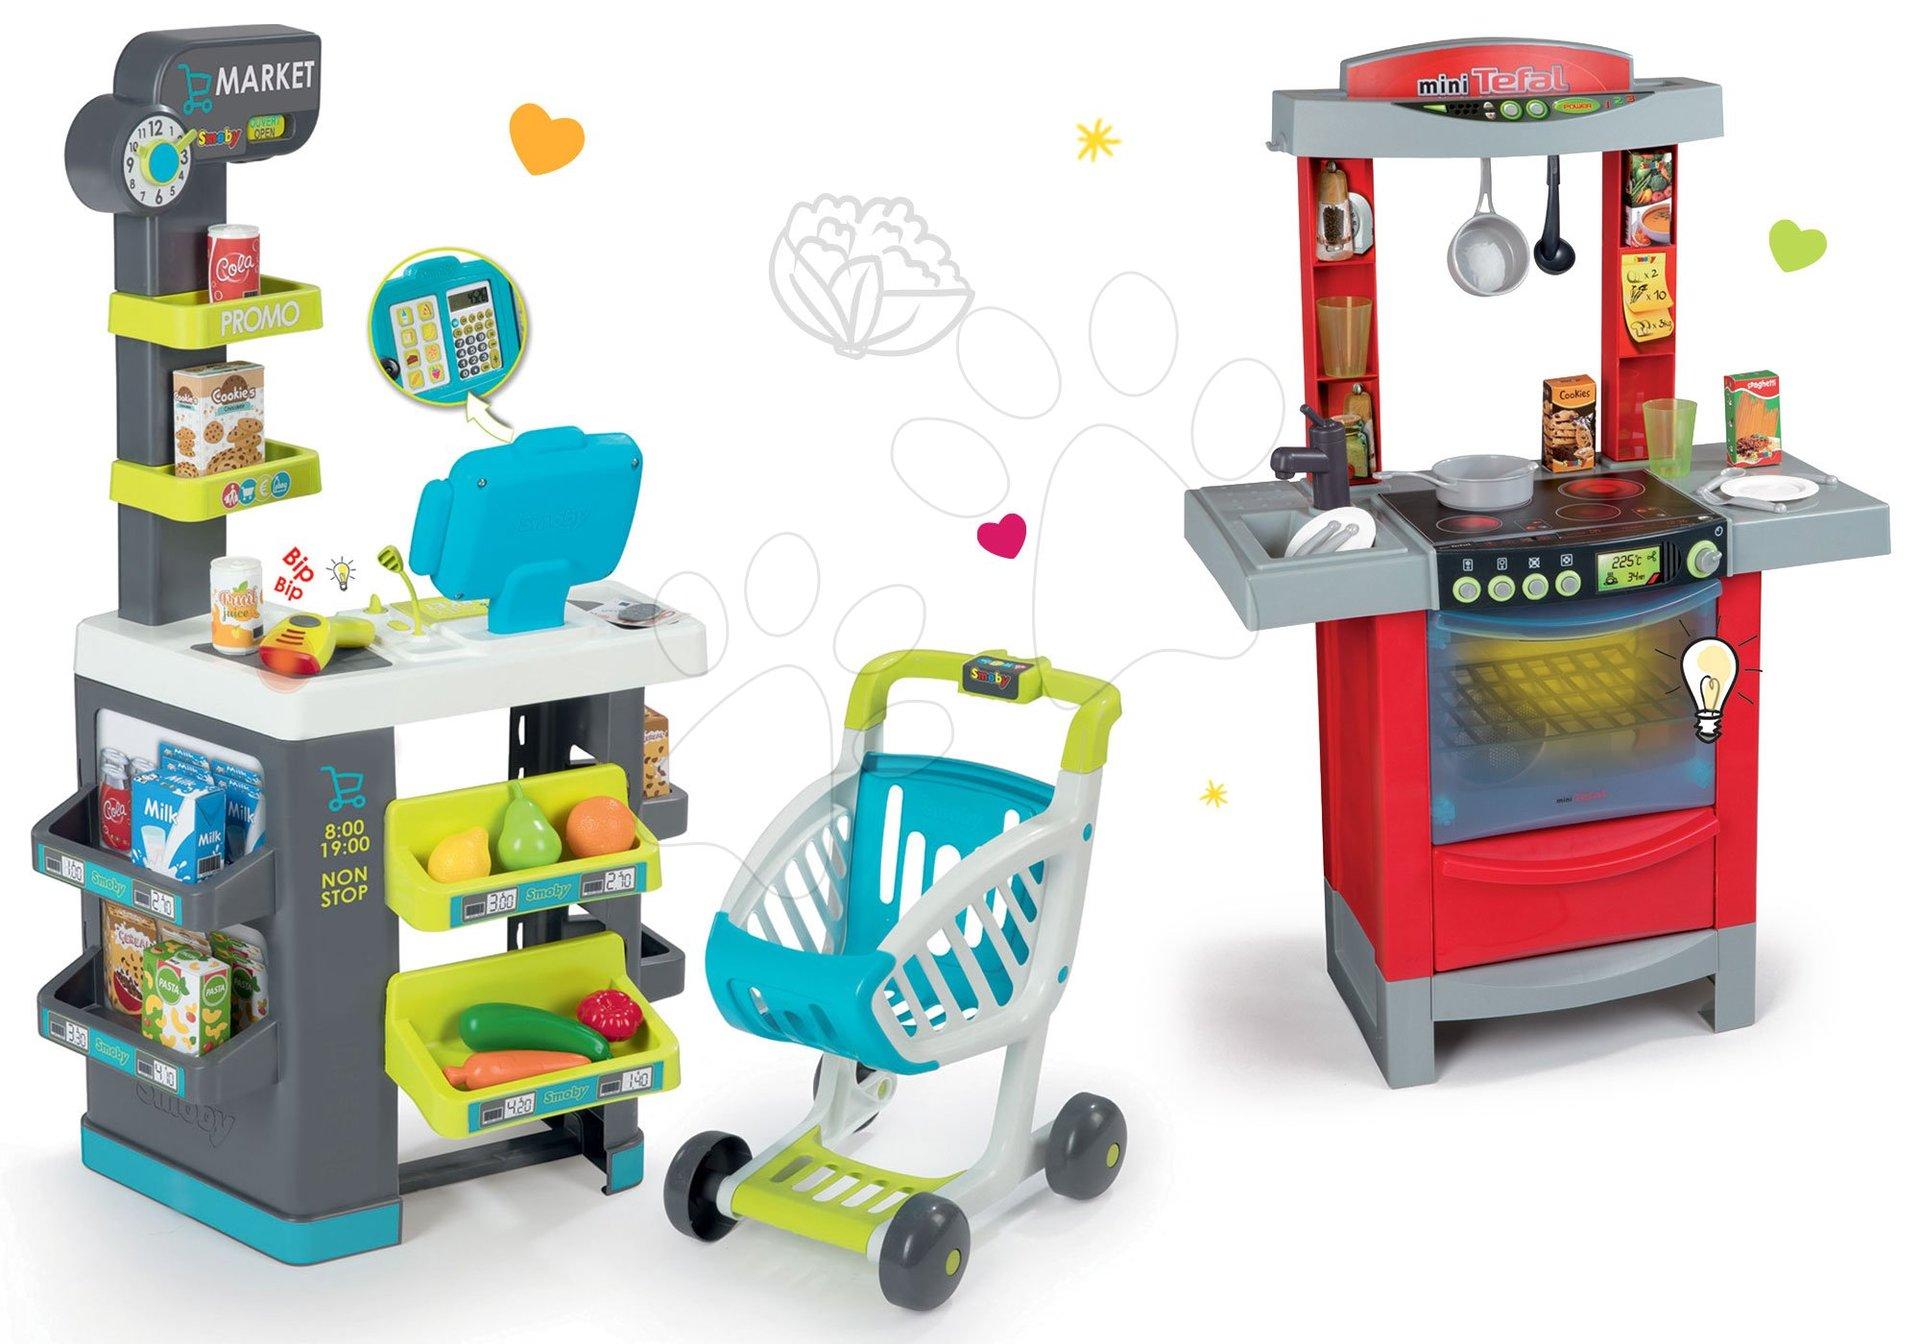 Smoby dětský obchod Supermarket a kuchyňka Cook'Tronic Tefal 350212-19